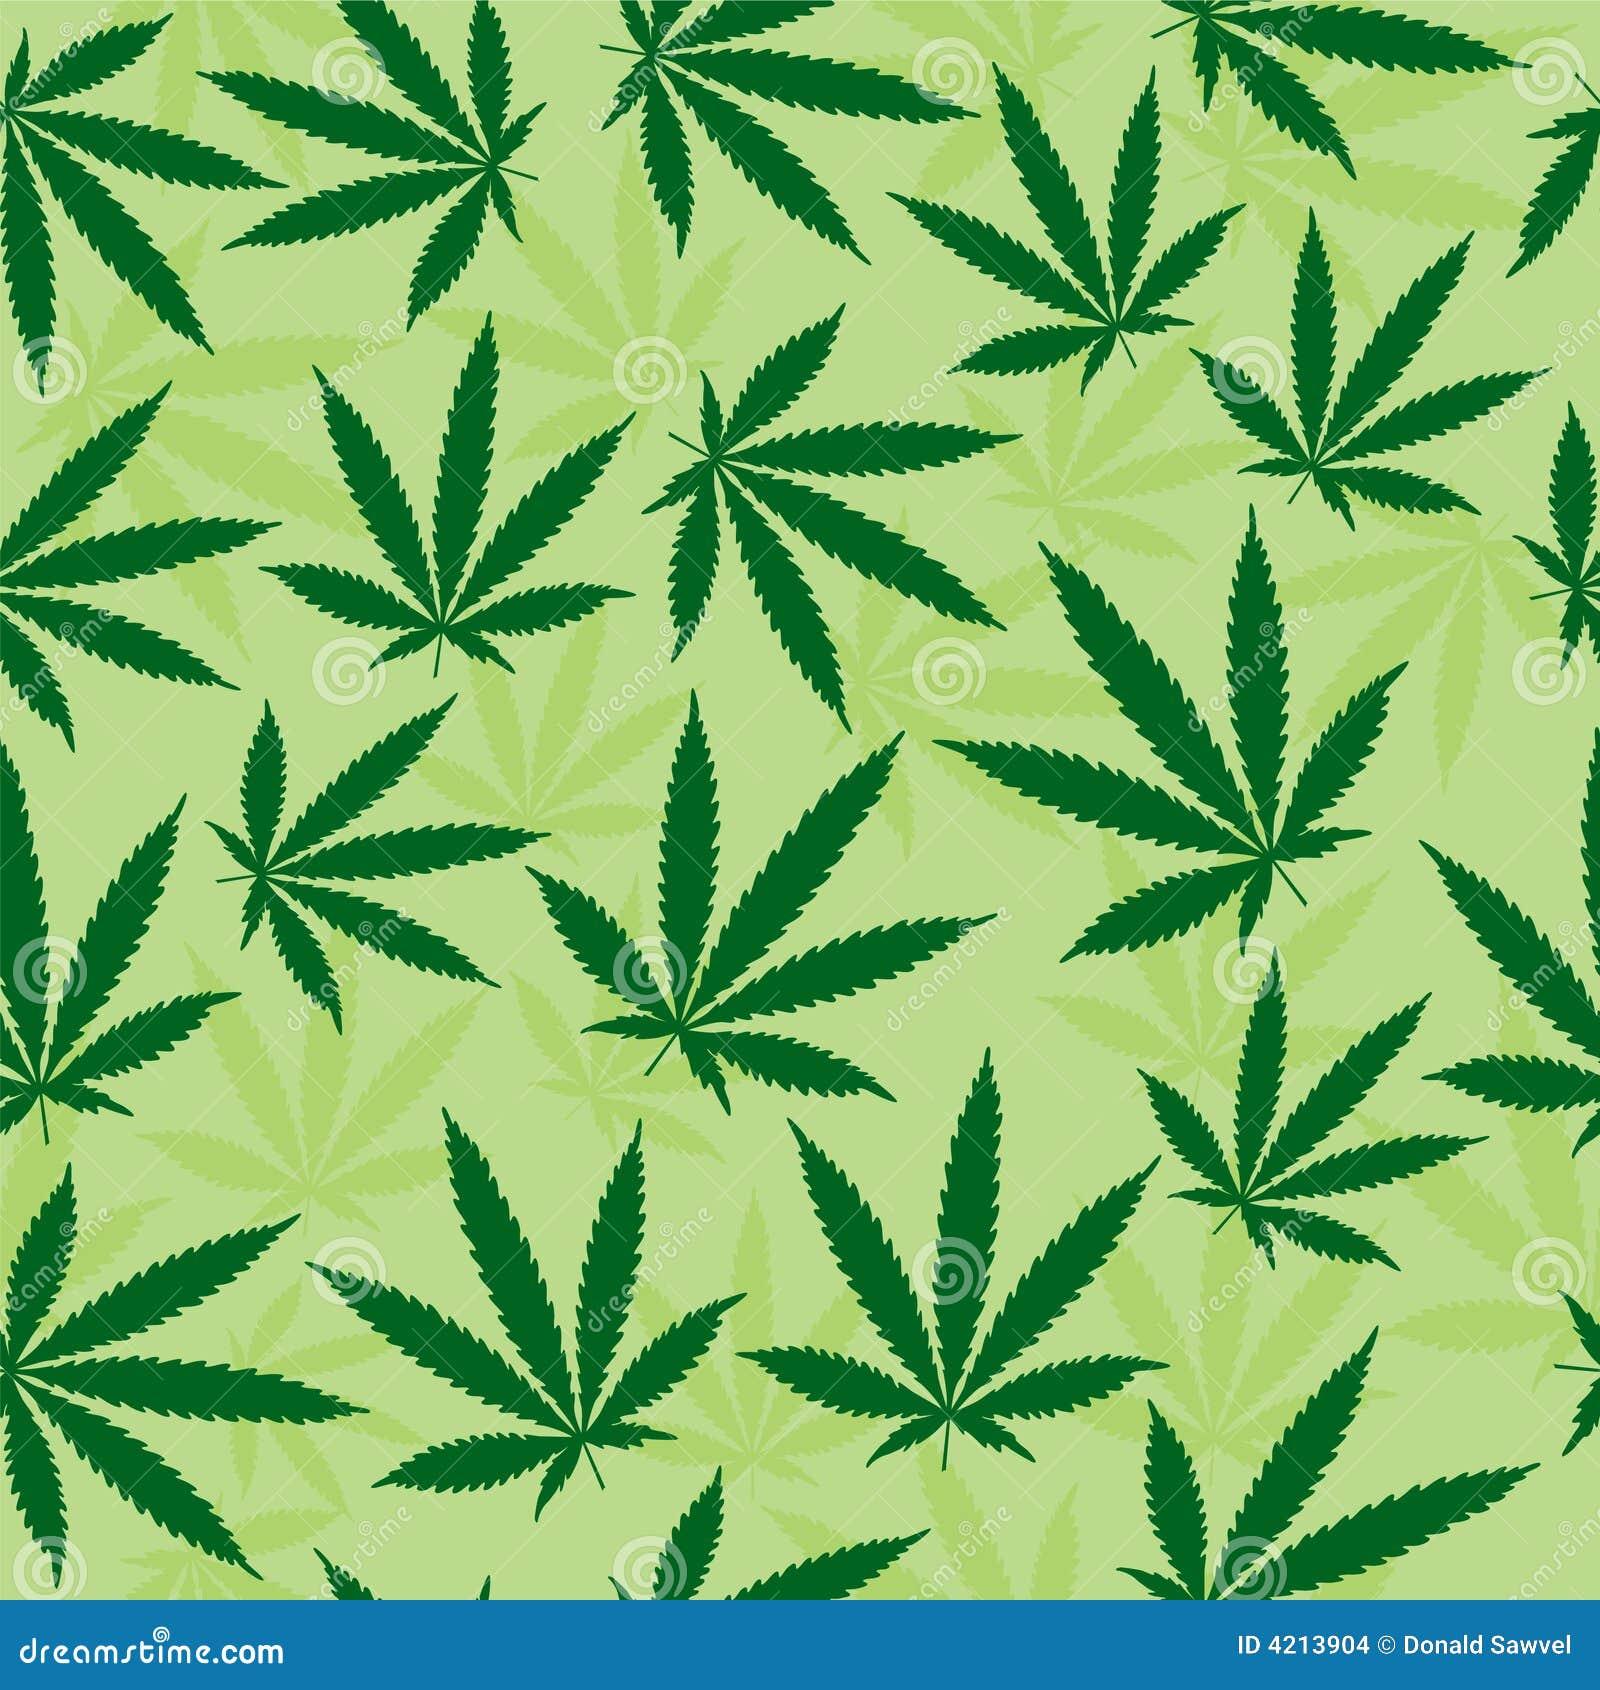 pot leaf wallpaper iphone